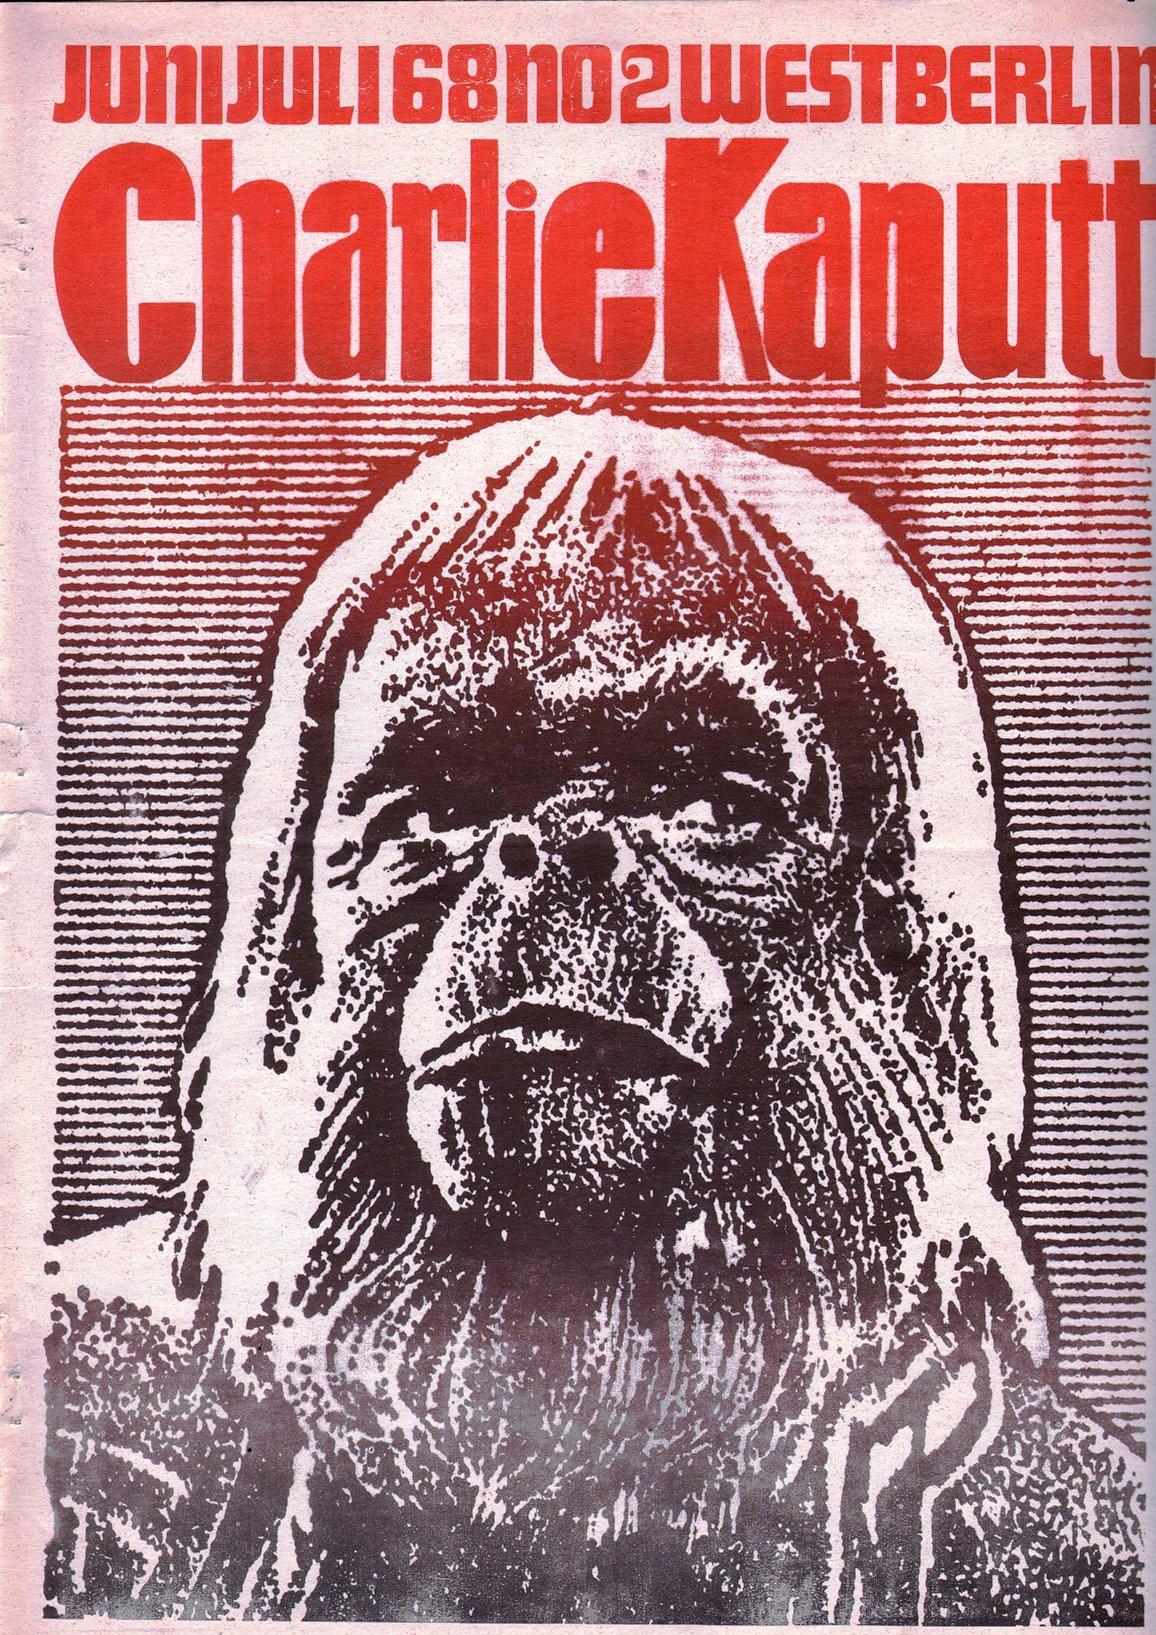 Berlin_Charlie_Kaputt009